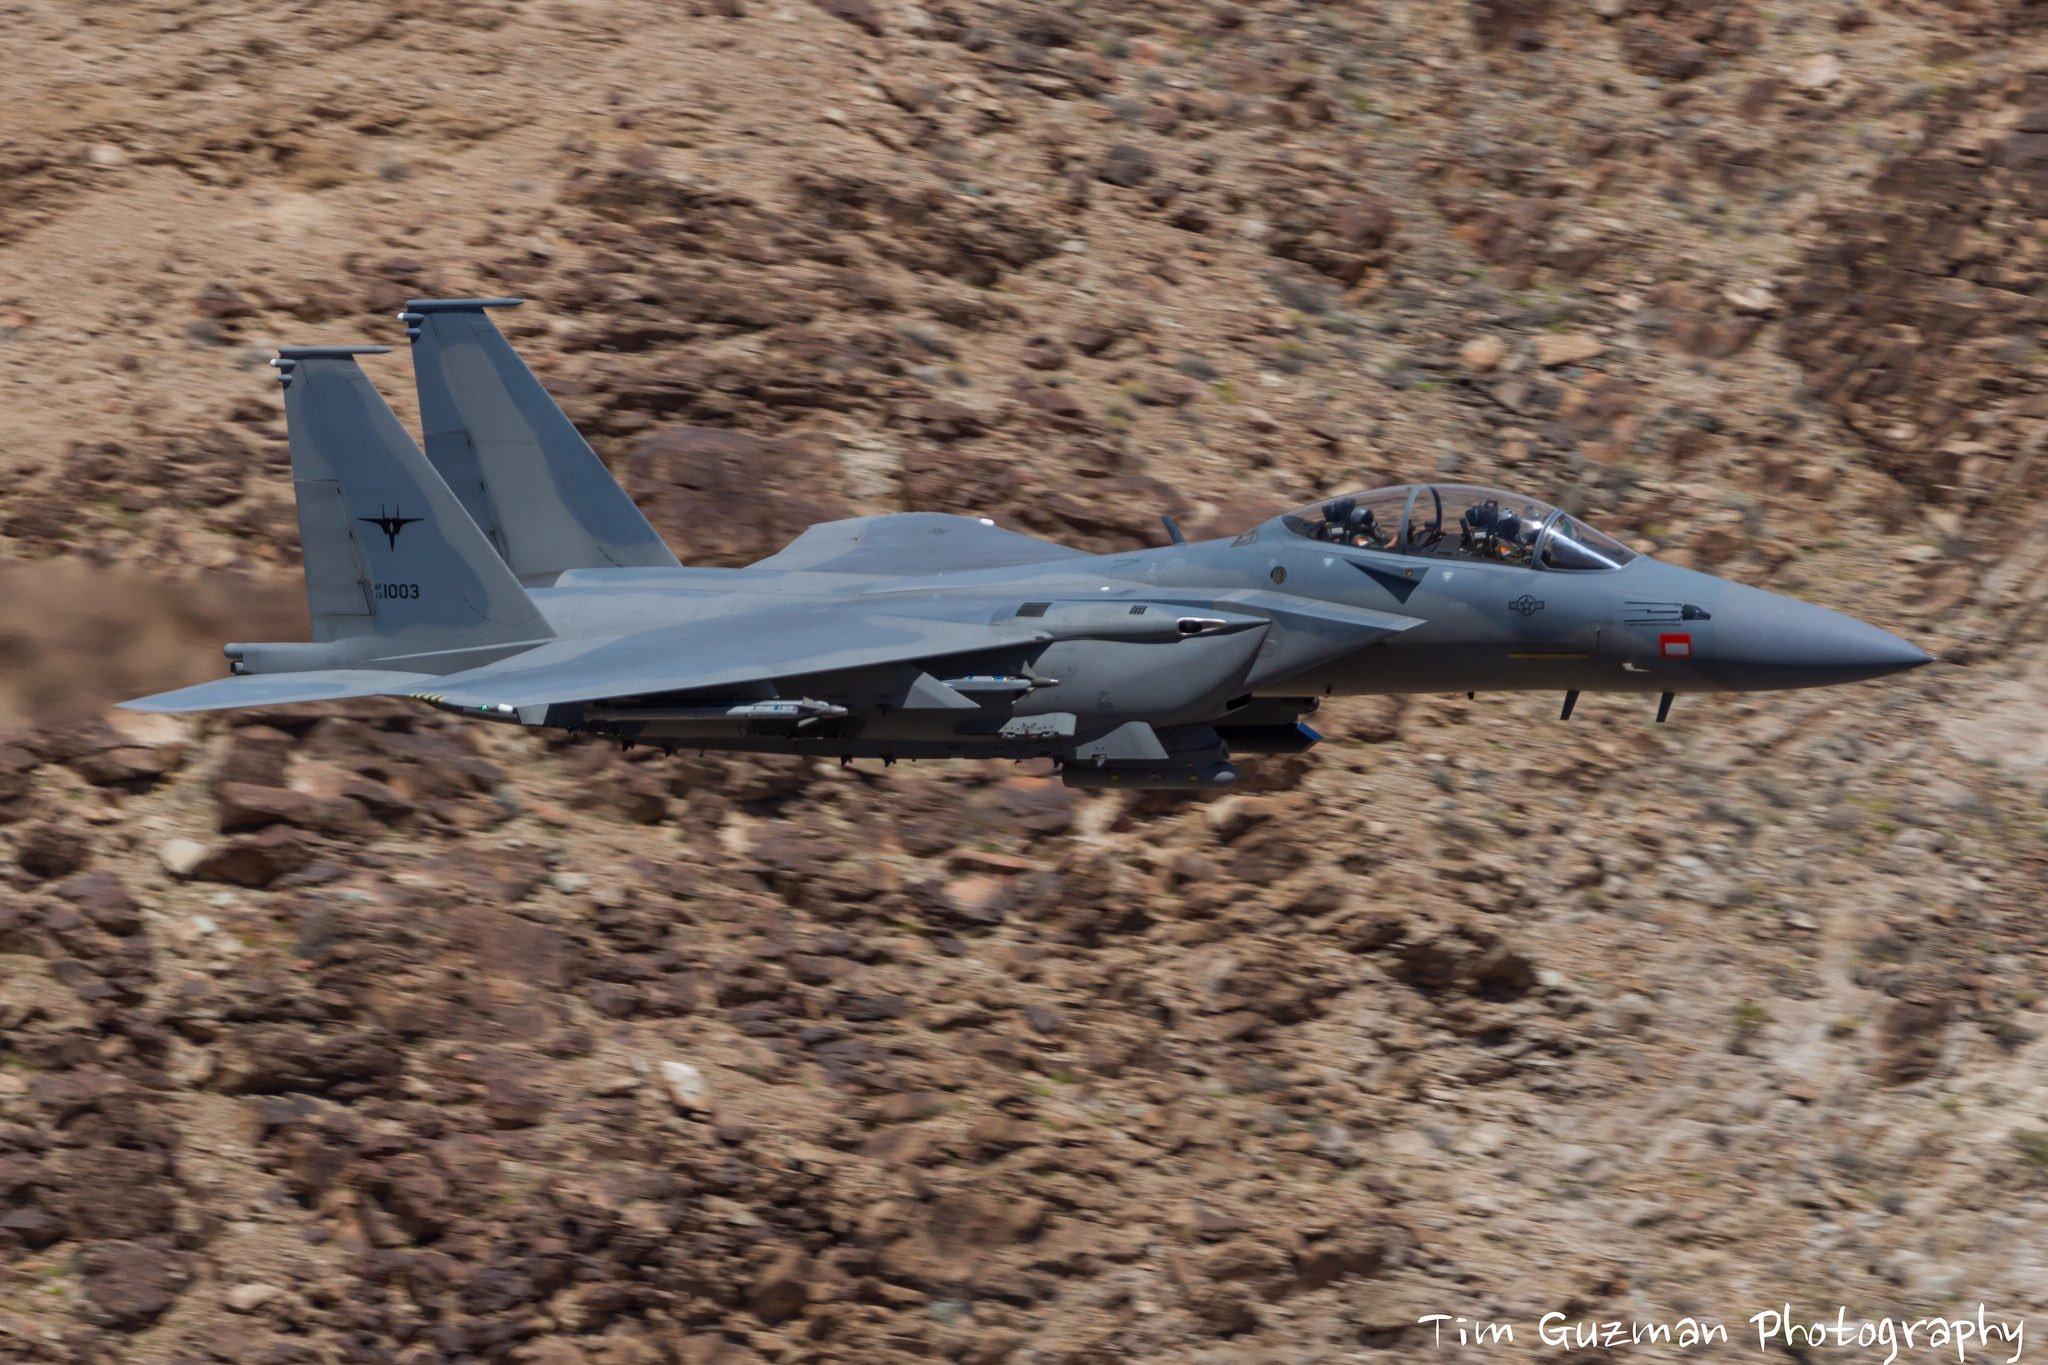 Один из построенных для Саудовской Аравии по соглашениям 2012 года по линии FMS истребителей Boeing F-15SA (номер ВВС США 12-1003).